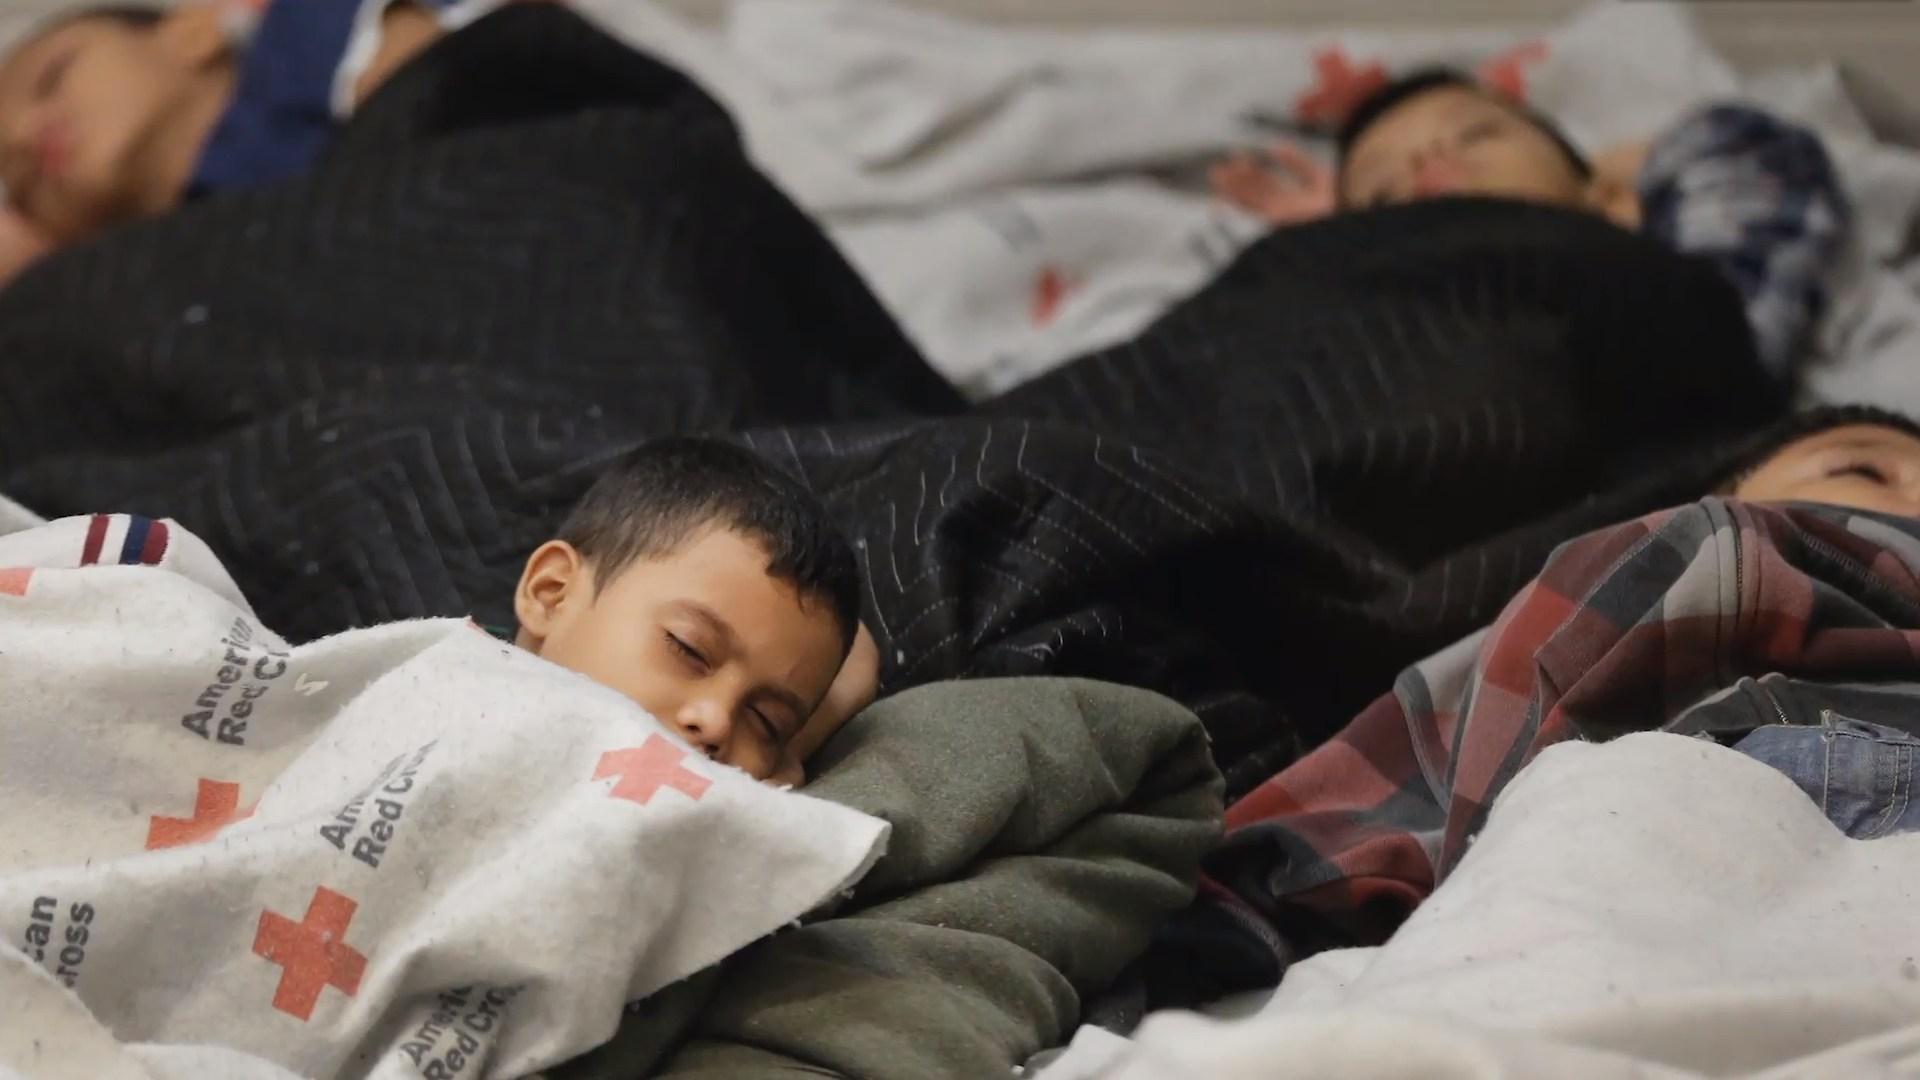 庇护所的孩子们 《纽约时报》视频截图